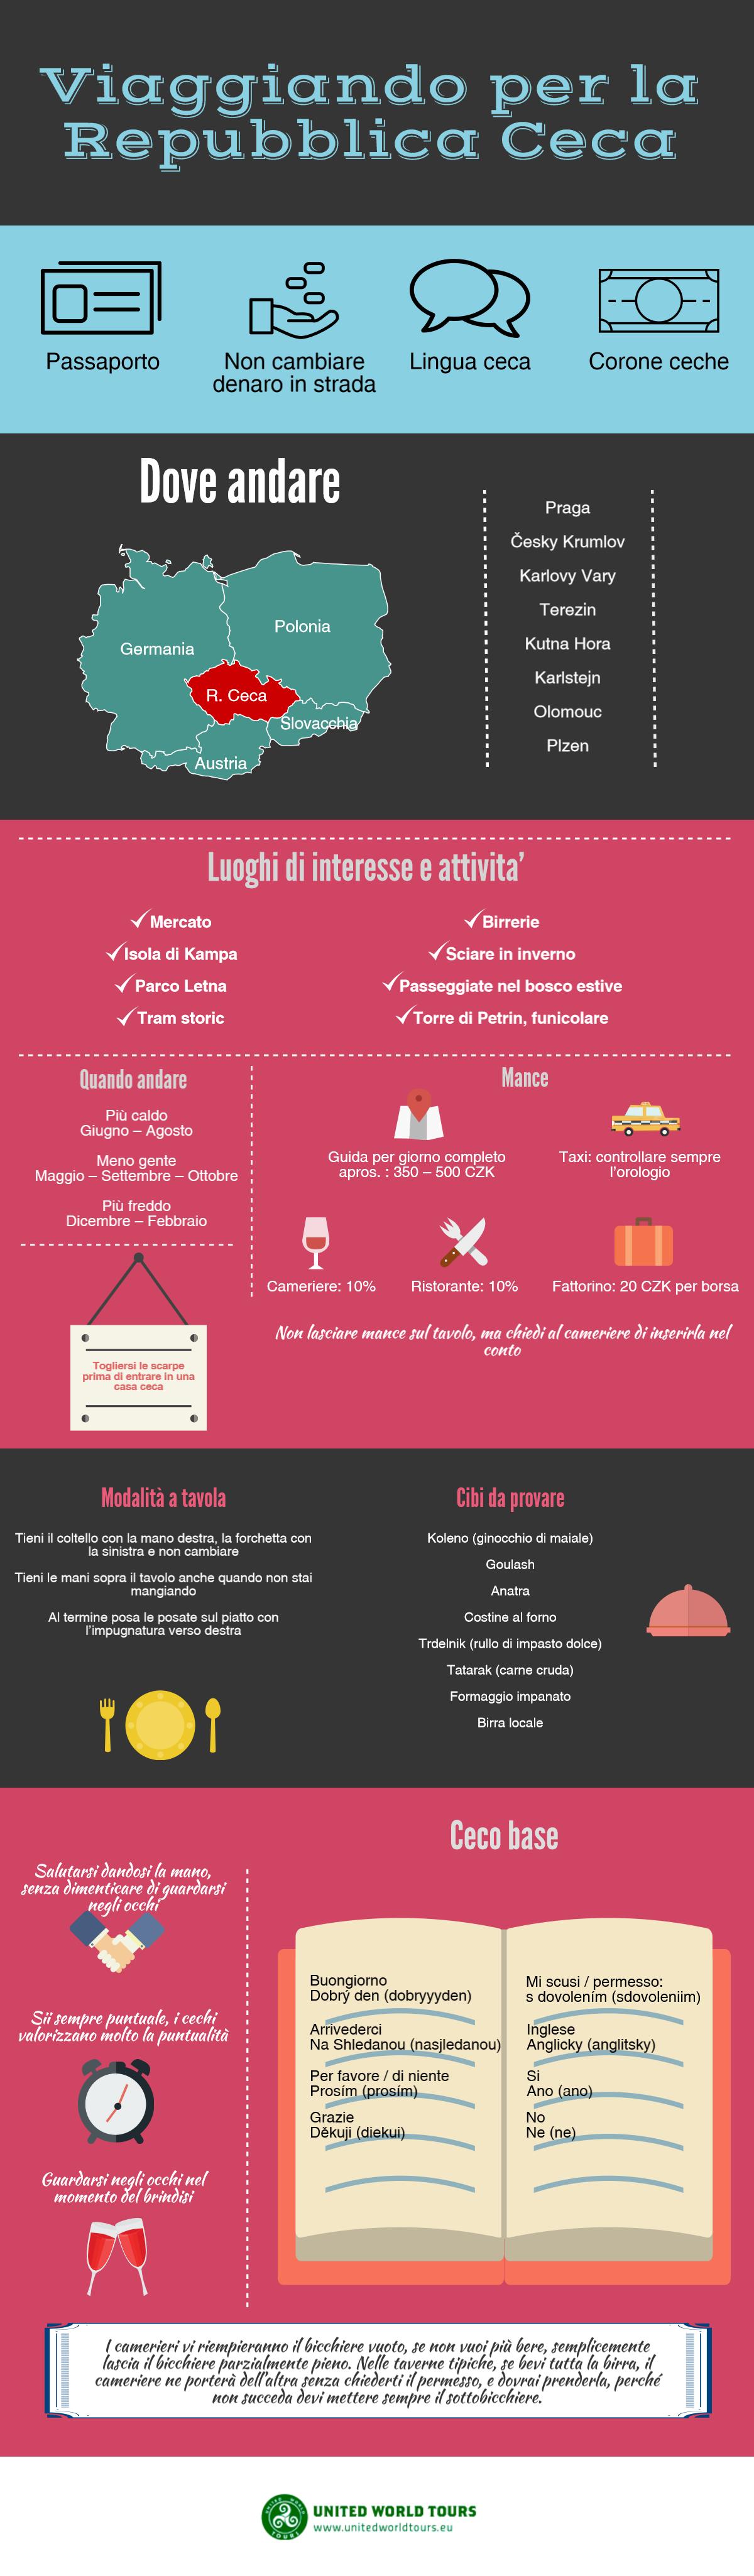 Viaggiando per la Repubblica Ceca (Infografica)